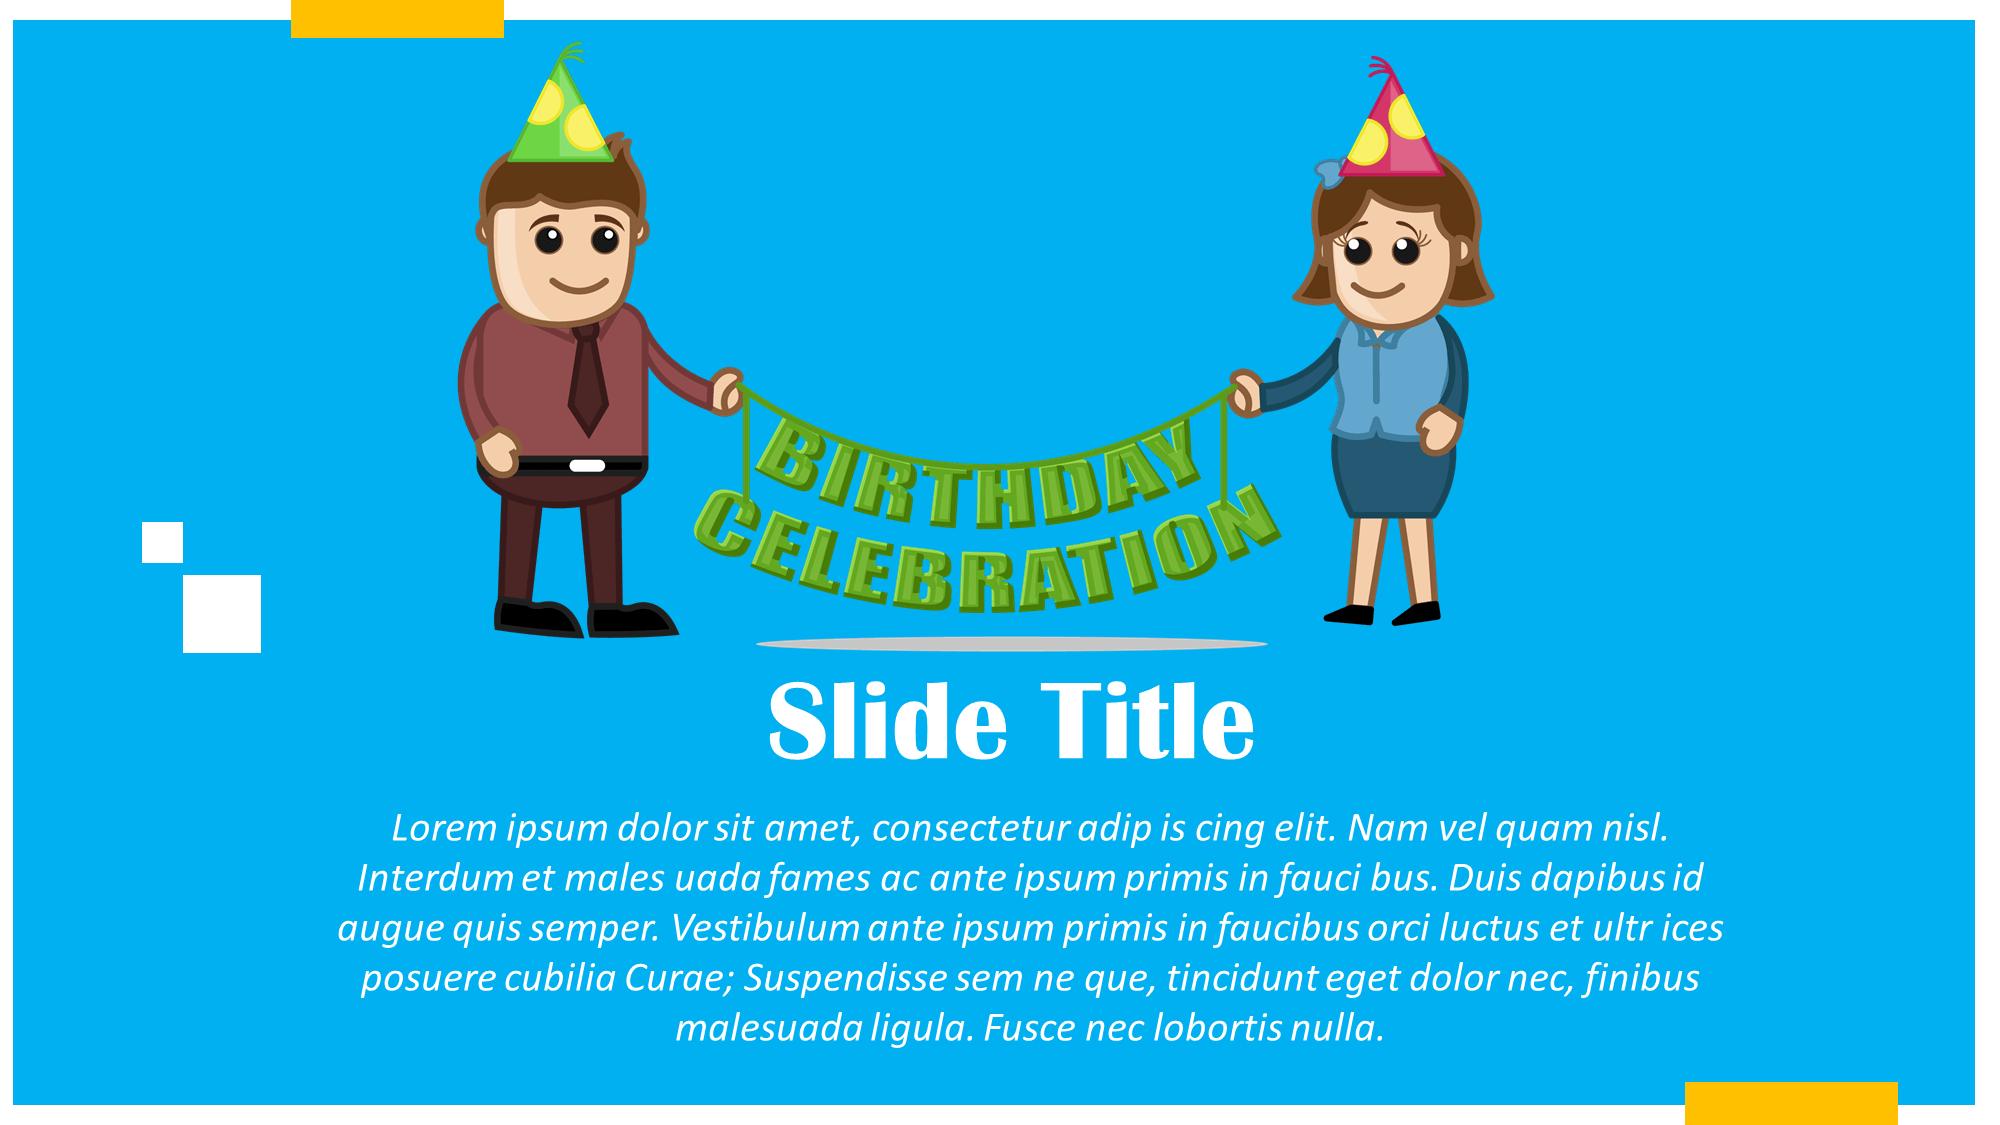 Happy Birthday Presentation Slide